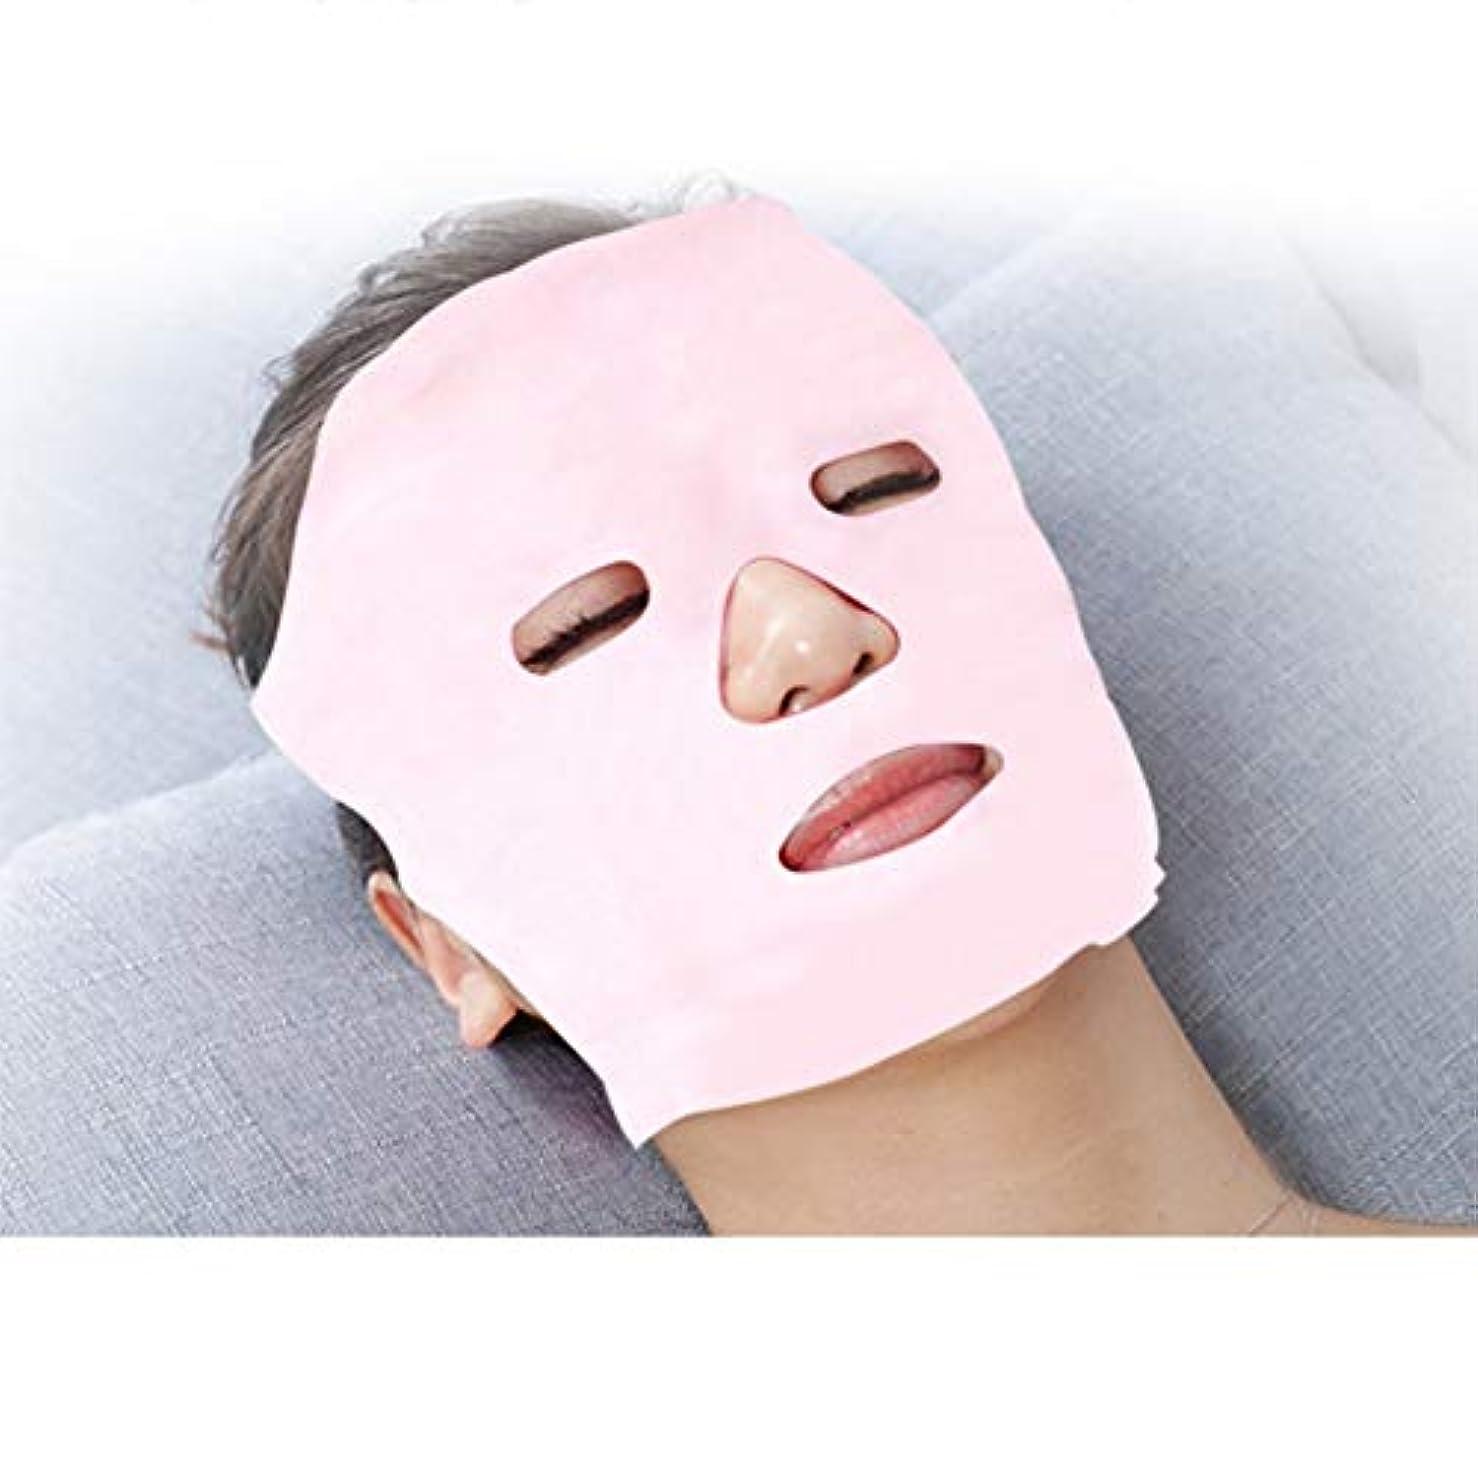 吸い込む側面習字トルマリンジェル マグネットマスク マッサージマスク 颜美容 フェイスマスク 薄い顔 肤色を明るく ヘルスケアマスク 磁気 ェイスポーチ Cutelove